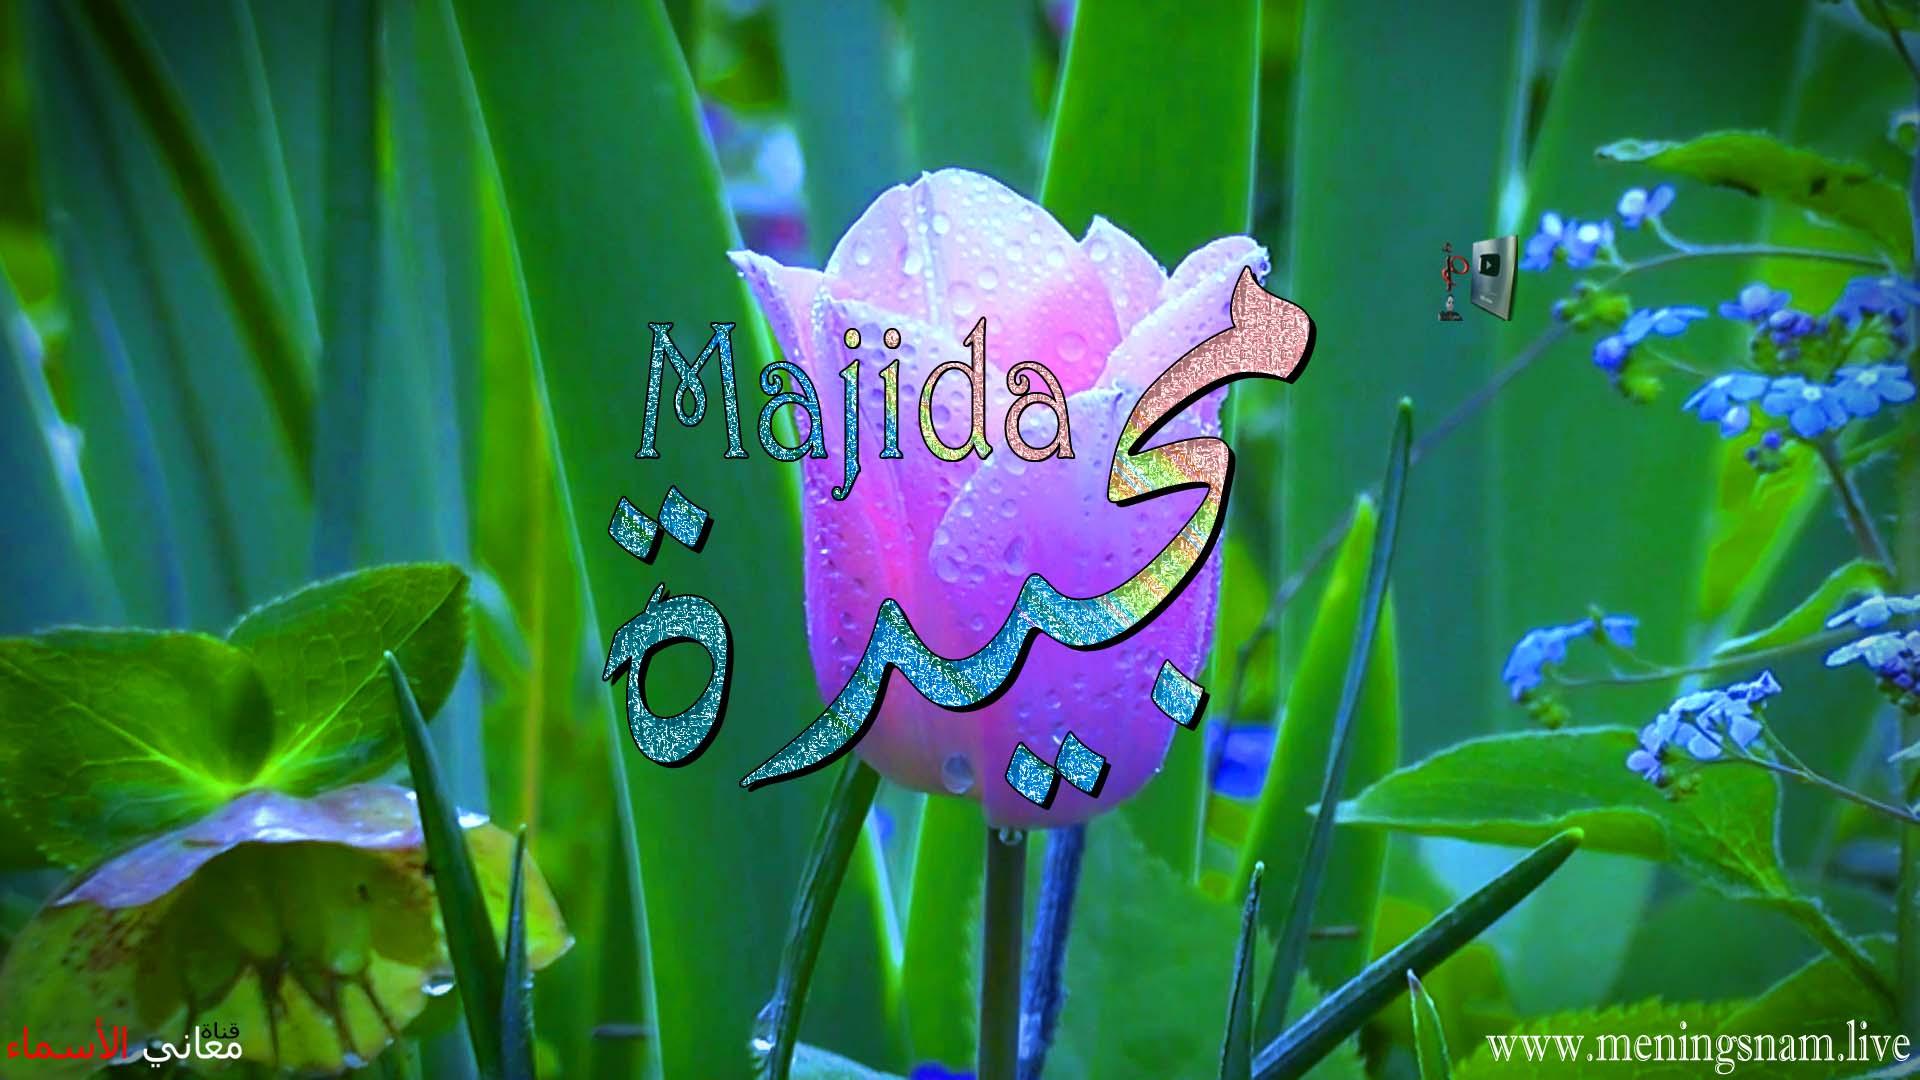 معنى اسم مجيدة وصفات حاملة هذا الاسم Majida